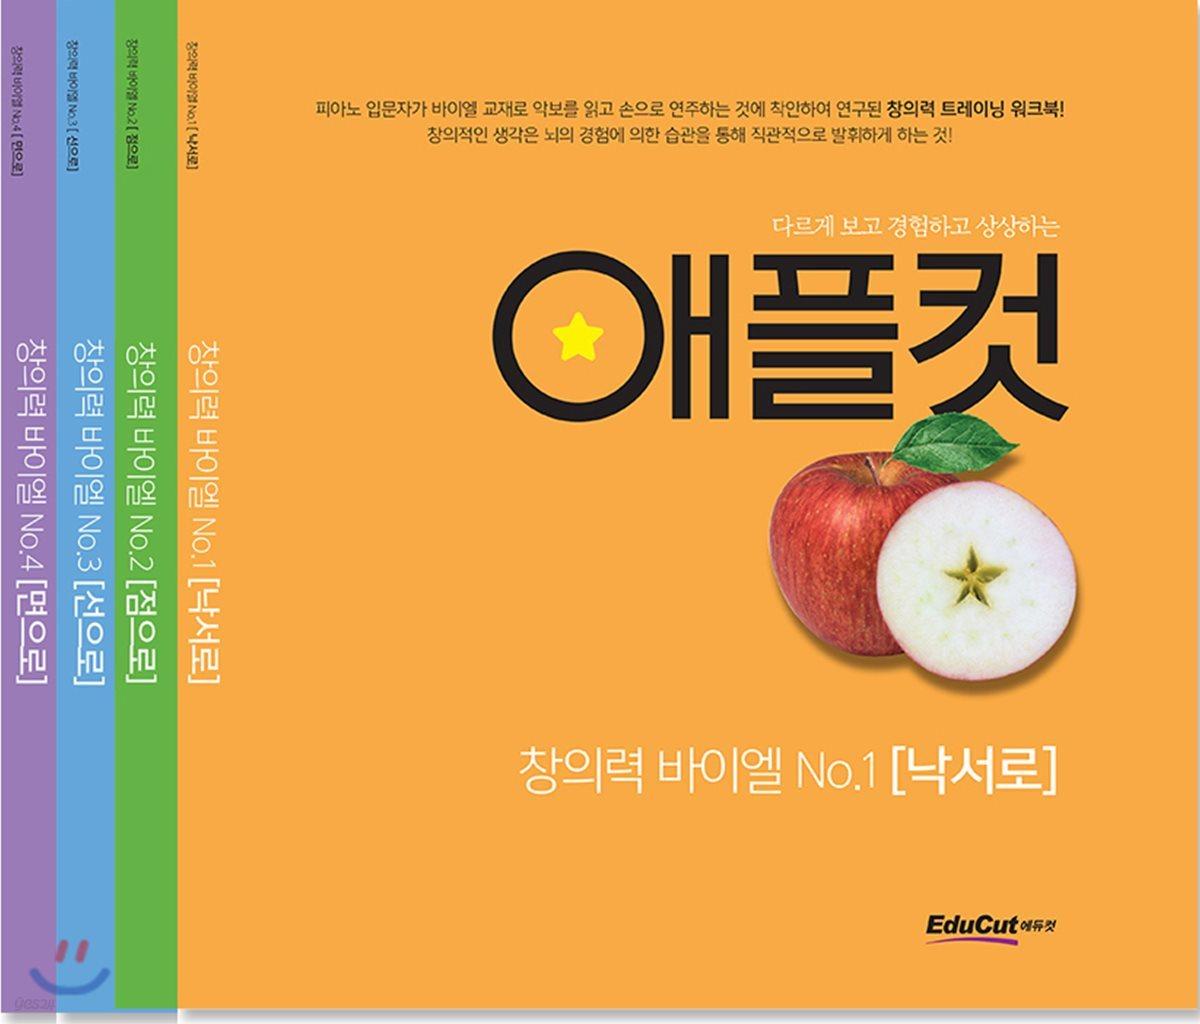 애플컷 창의력 바이엘 1~4권